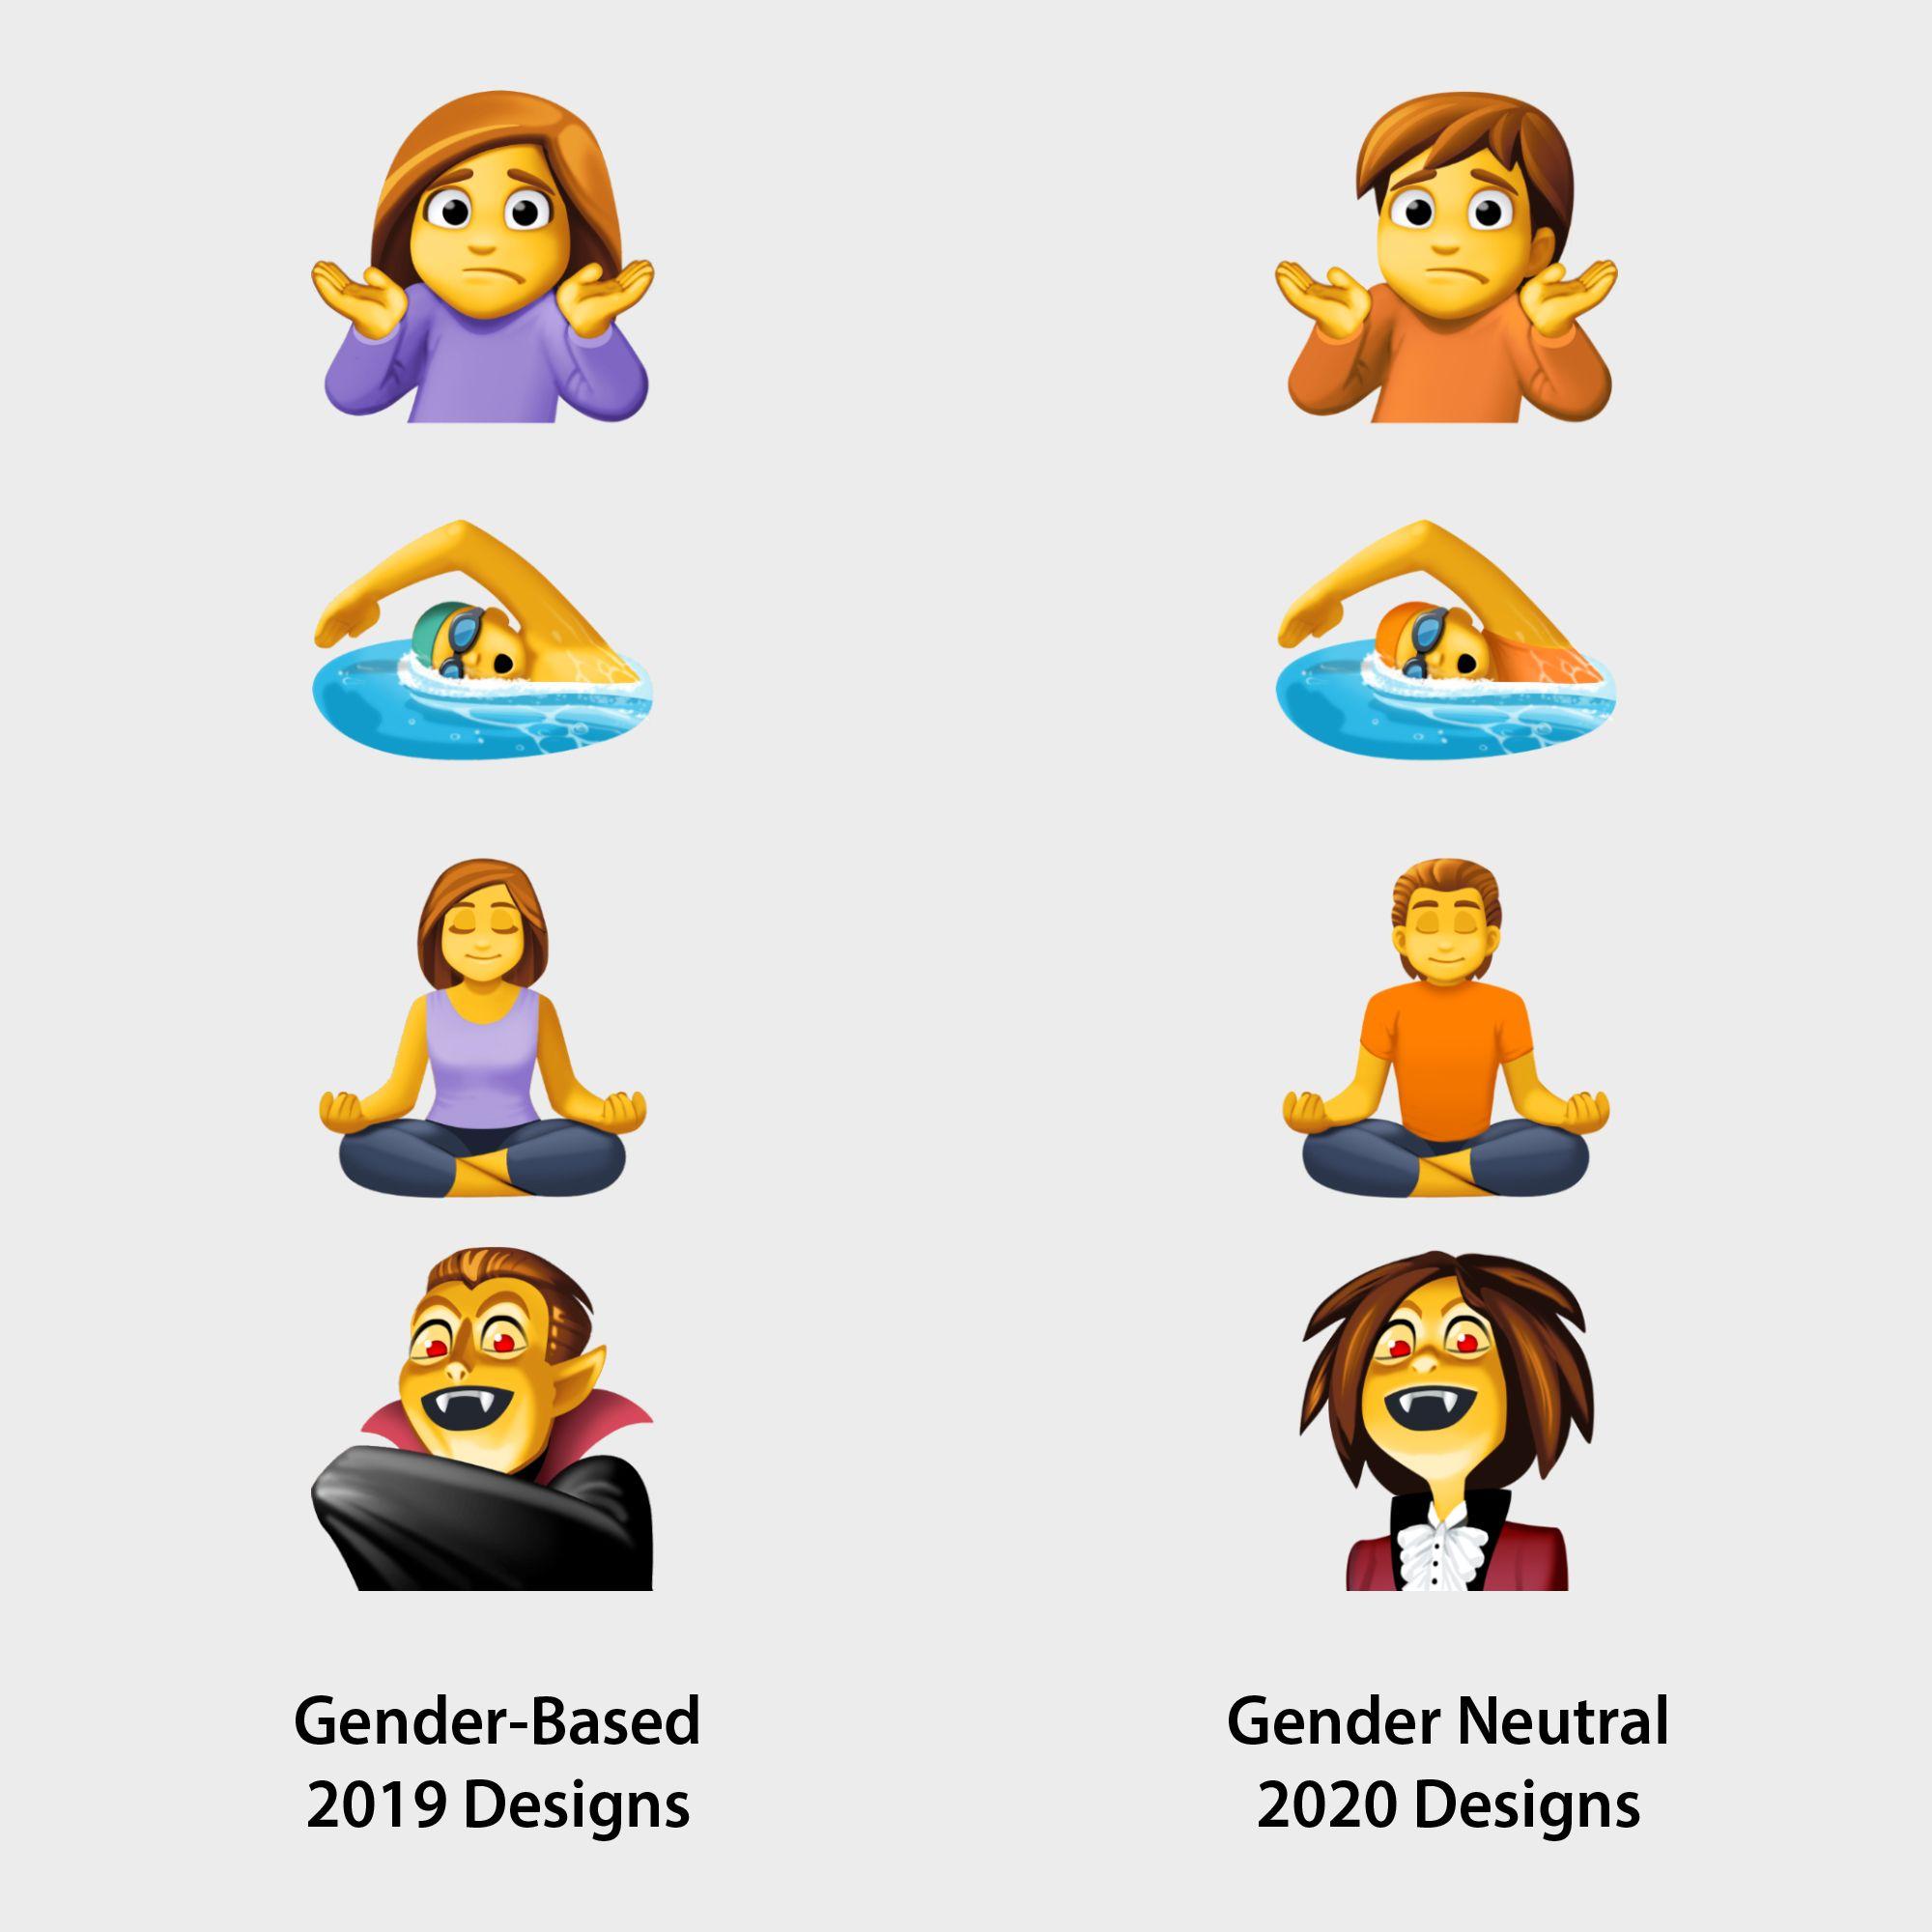 Emojipedia-Facebook-13_1-Emoji-Changelog-2020-Gender-Neutral-Design-Selection